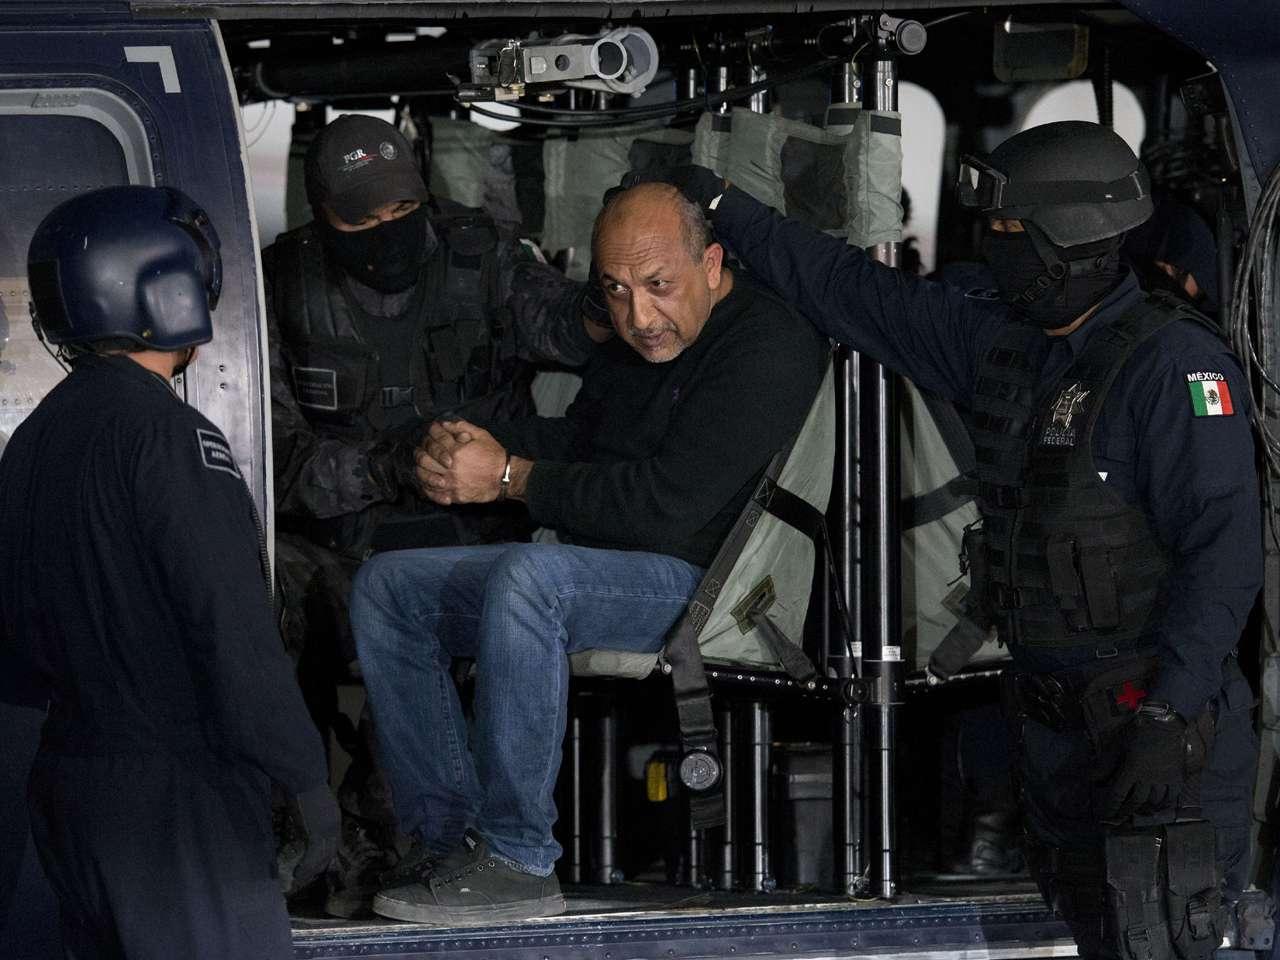 Así presentaron a 'La Tuta' ante los medios de comunicación Foto: AP en español